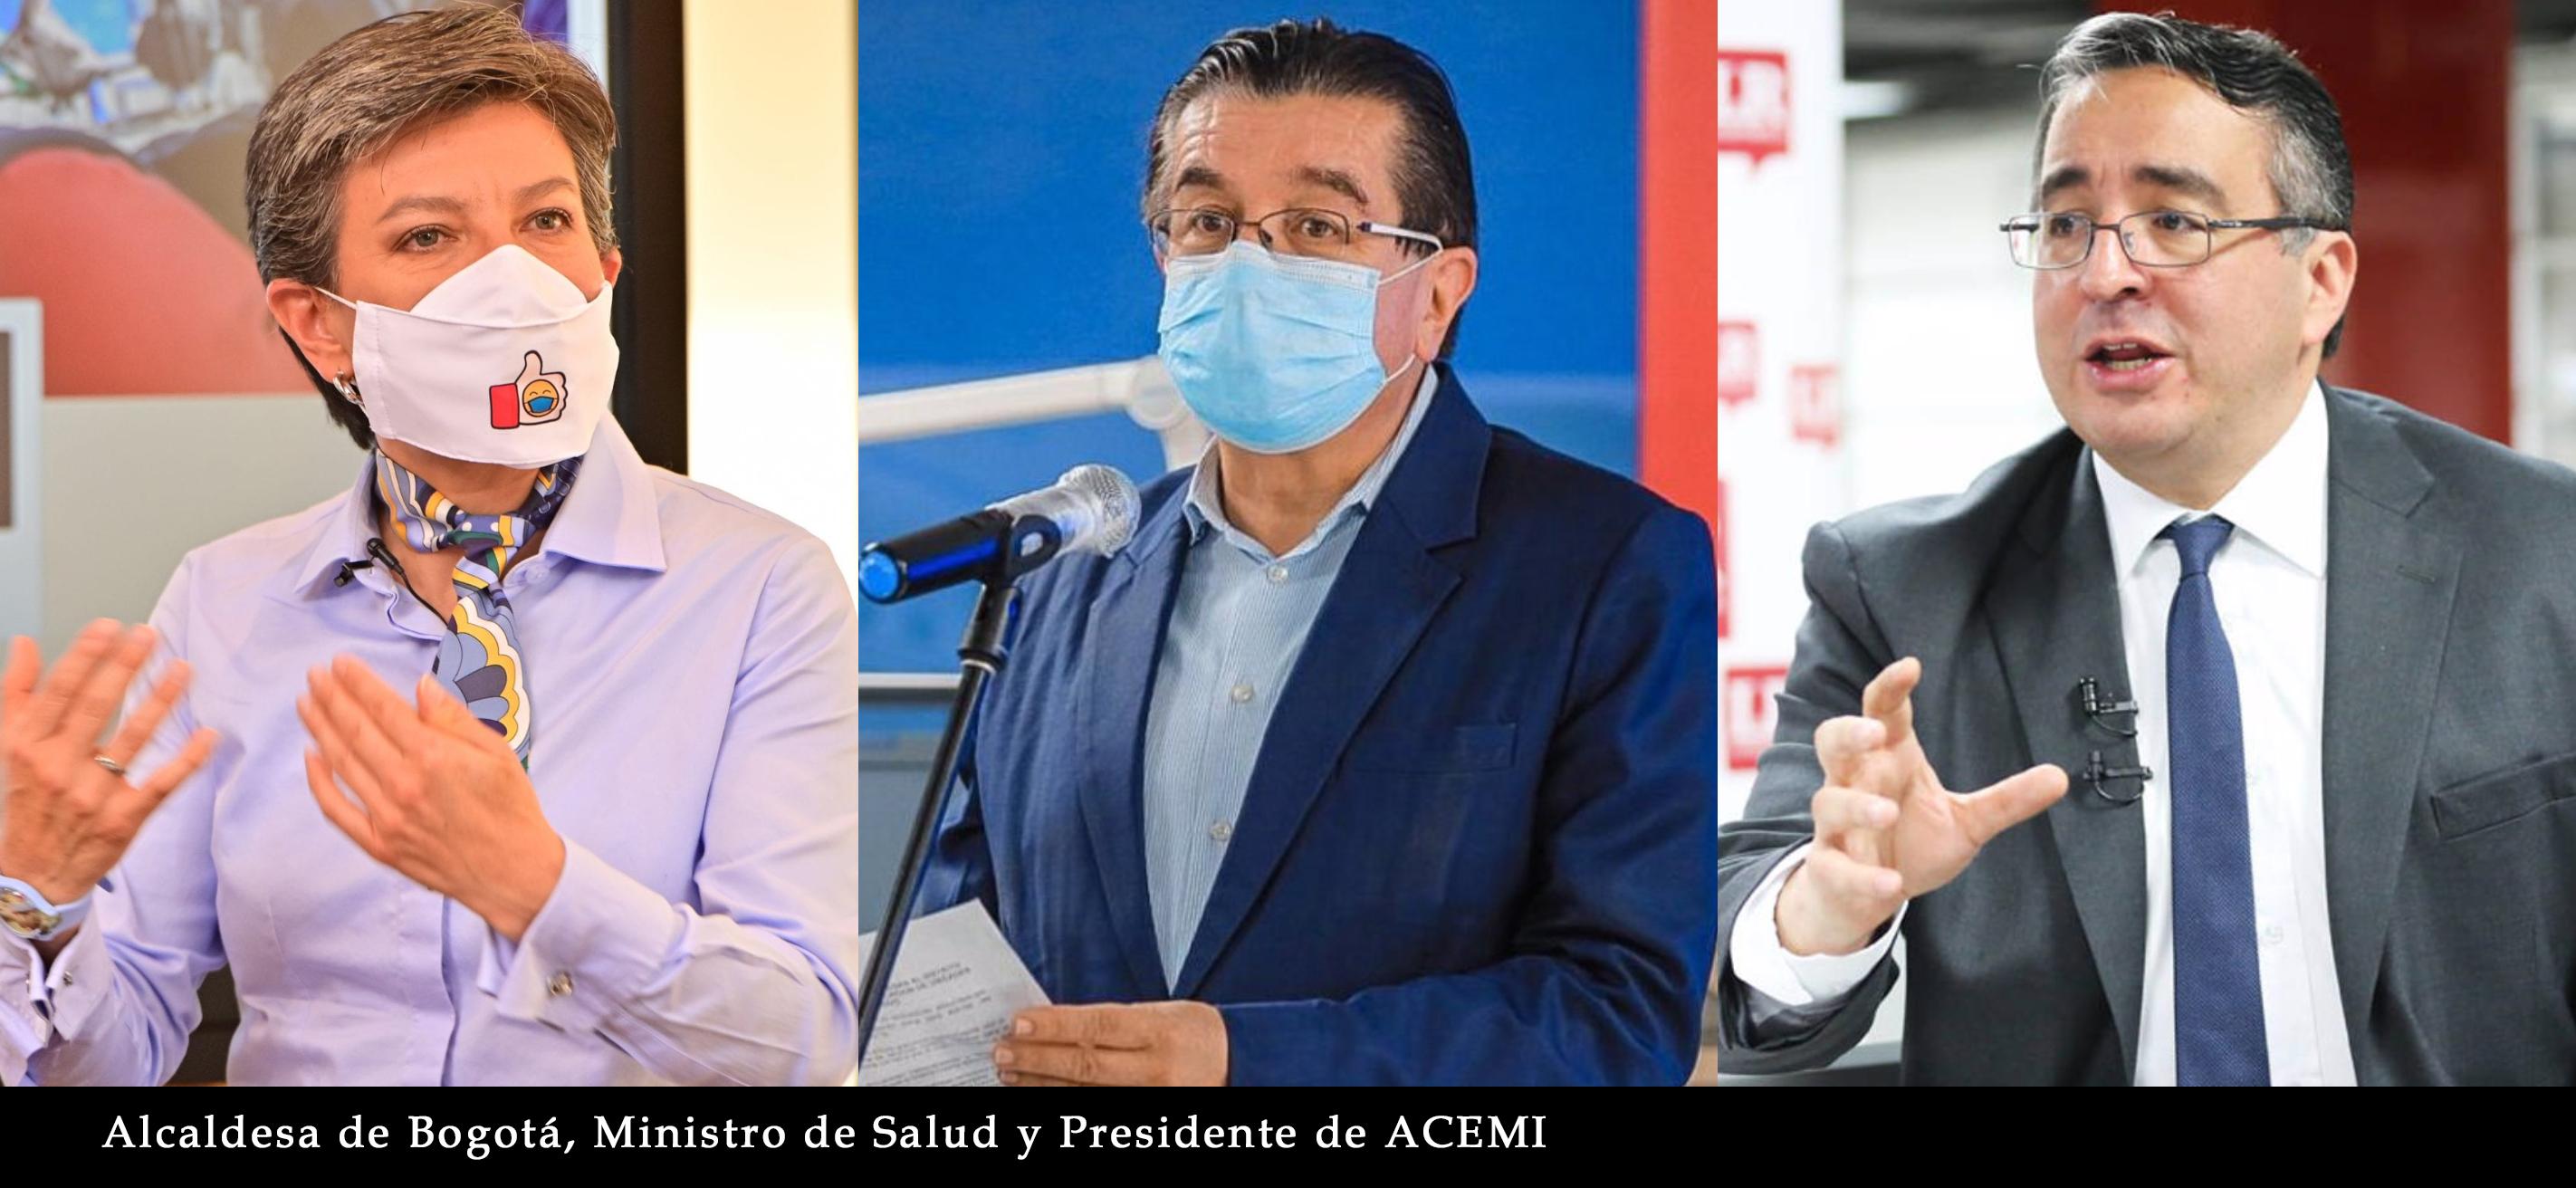 FOTO DE ALCALDESA DE BOGOTA, PRESIDENTE DE ACEMI Y MINISTRO DE SALUD